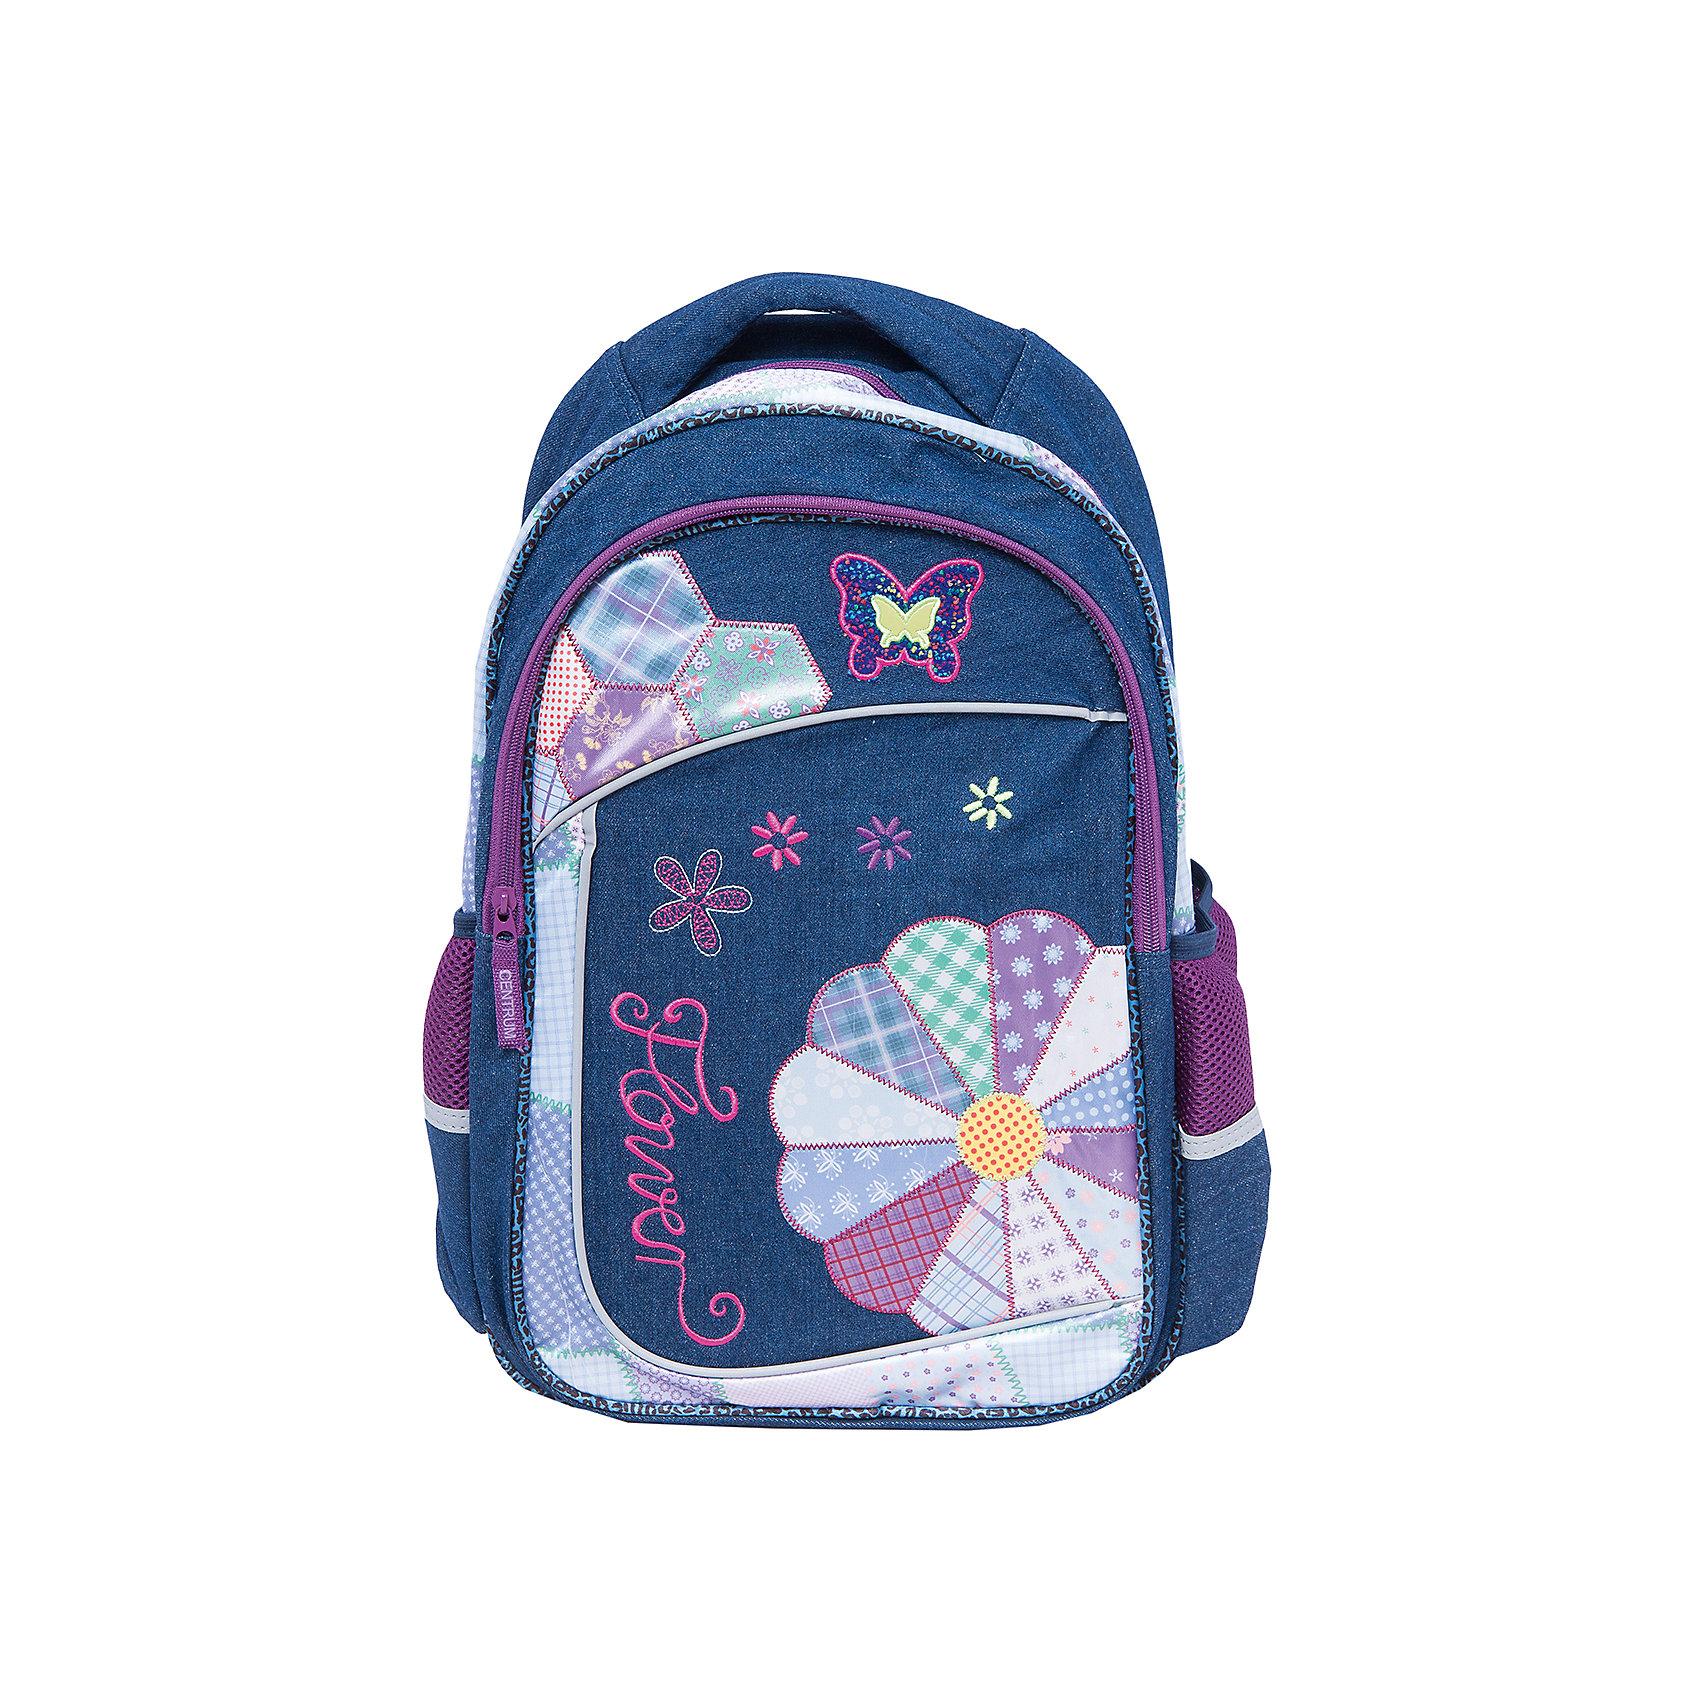 Школьный рюкзак с уплотненной спинкой и светоотражателямиШкольные рюкзаки<br>Рюкзак с уплотненной спинкой и светоотражателями, 44,5х31х18,5 см - этот яркий рюкзак вместит все, что нужно для успешного учебного дня.<br>Удобный рюкзак для повседневного использования выполнен из прочной долговечной ткани. Уплотненная спинка рюкзака не позволит ребенку устать. Широкие, мягкие, регулируемые лямки помогают равномерно распределить нагрузку по всей спине. Светоотражатели сделают Вашего ребенка заметным на дороге в темное время суток. У рюкзака имеется одно вместительное отделение, два боковых кармана и один внешний большой карман, закрывающийся на застежку-молнию. Для переноски рюкзака в руках предусмотрена ручка-петля.<br><br>Дополнительная информация:<br><br>- Материал: полиэстер<br>- Размер: 44,5х31х18,5 см.<br>- Вес: 540 гр.<br><br>Рюкзак с уплотненной спинкой и светоотражателями, 44,5х31х18,5 см можно купить в нашем интернет-магазине.<br><br>Ширина мм: 185<br>Глубина мм: 310<br>Высота мм: 445<br>Вес г: 540<br>Возраст от месяцев: 72<br>Возраст до месяцев: 144<br>Пол: Женский<br>Возраст: Детский<br>SKU: 4098803